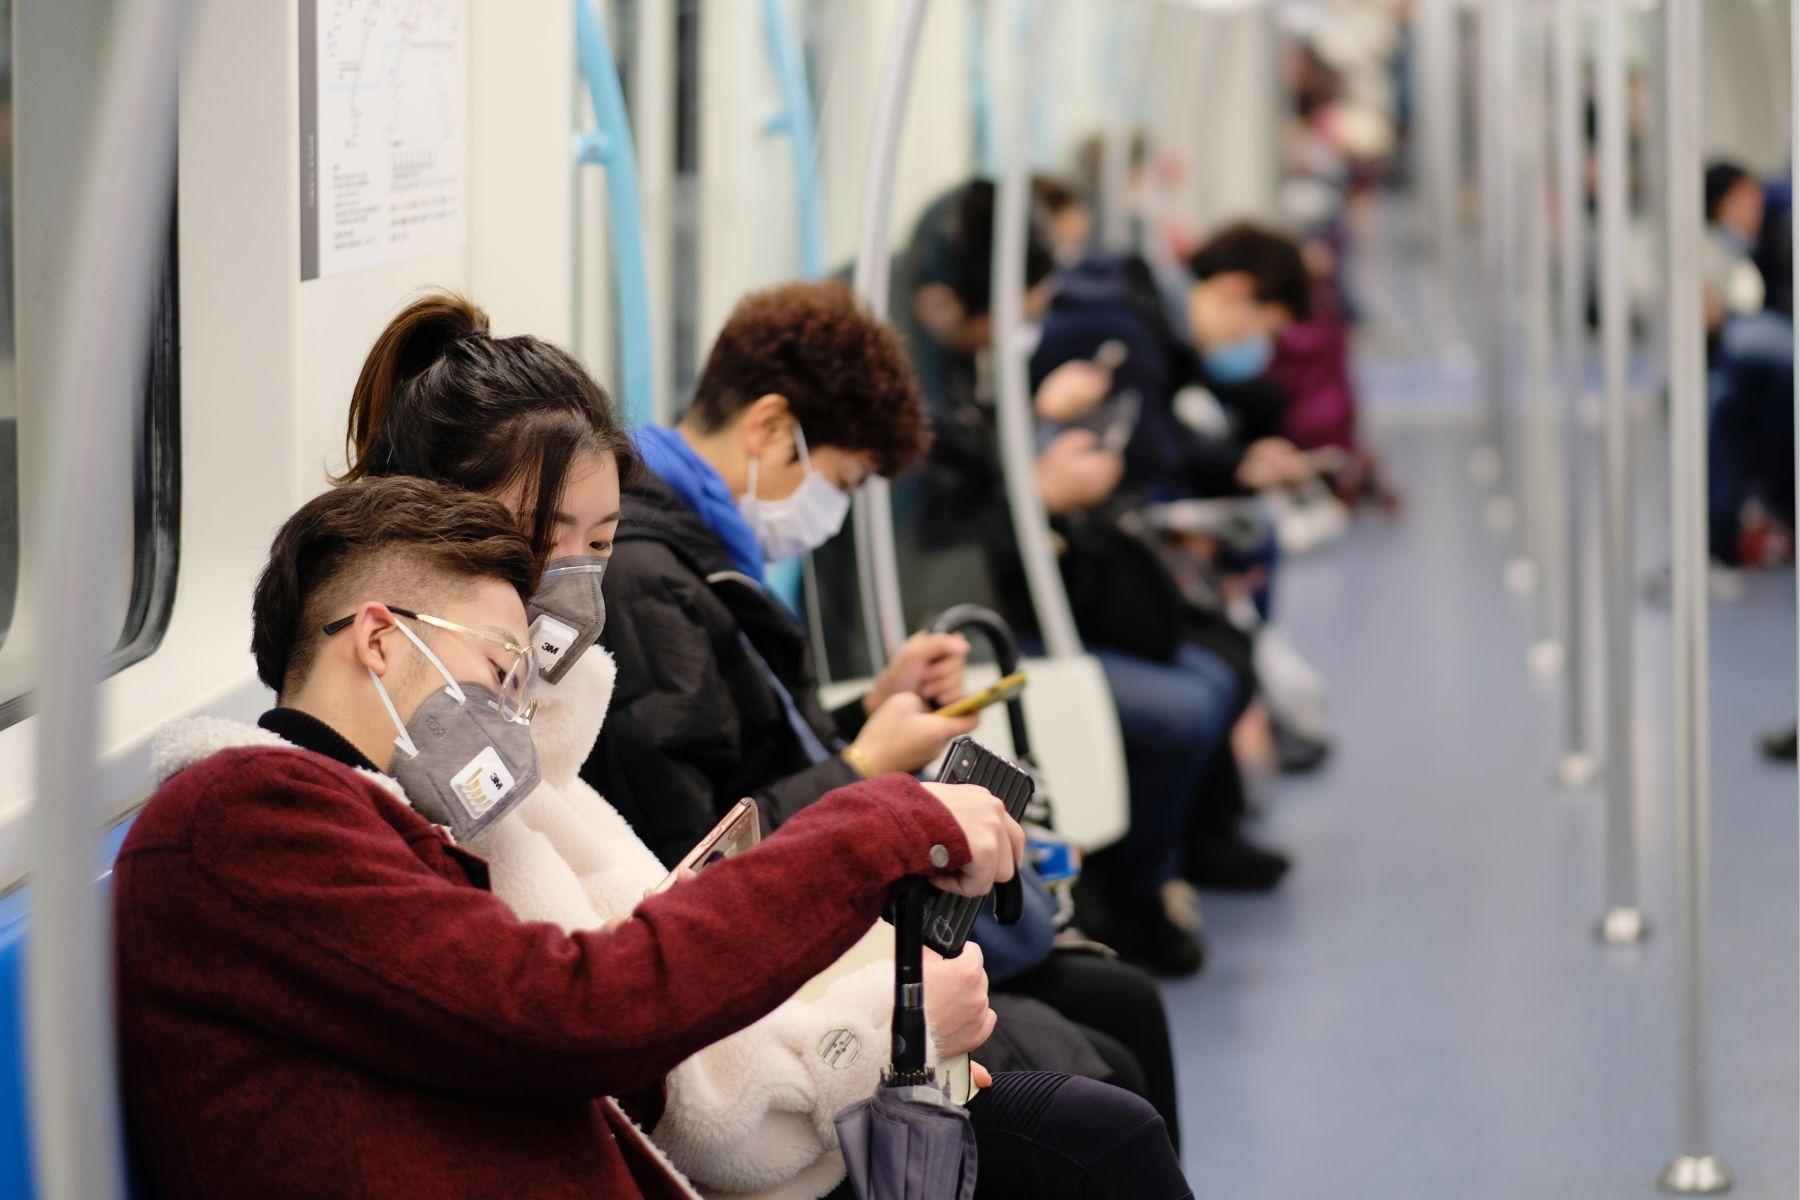 肺炎、流感肆虐全球!資深防疫專家警告:做到這2件事,才能預防無藥可醫的「疾病」再次出現!